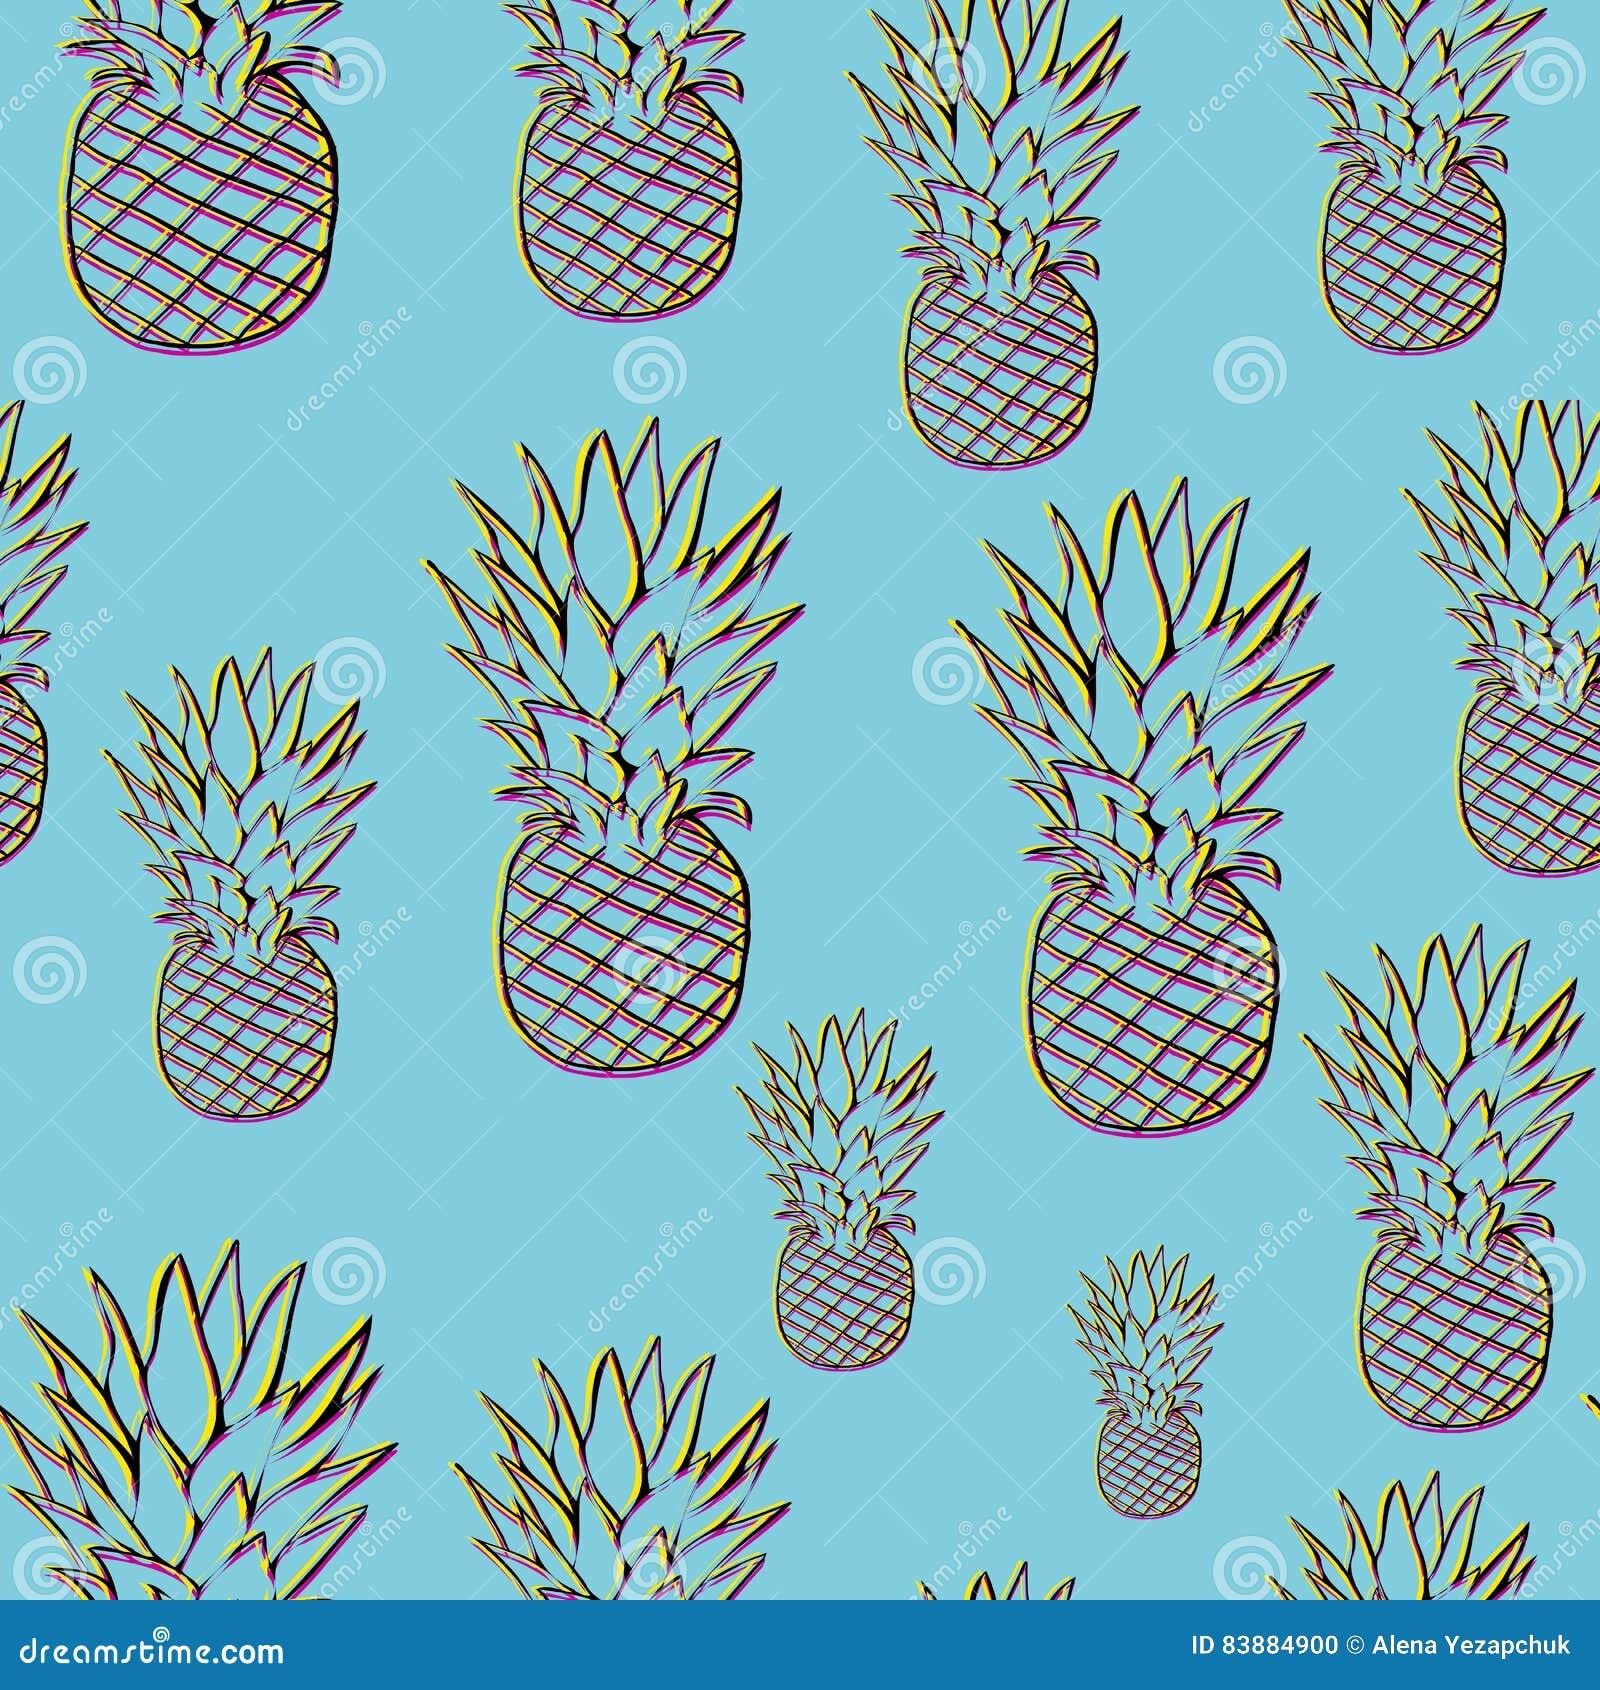 Яркая картина ананаса в стиле 3d